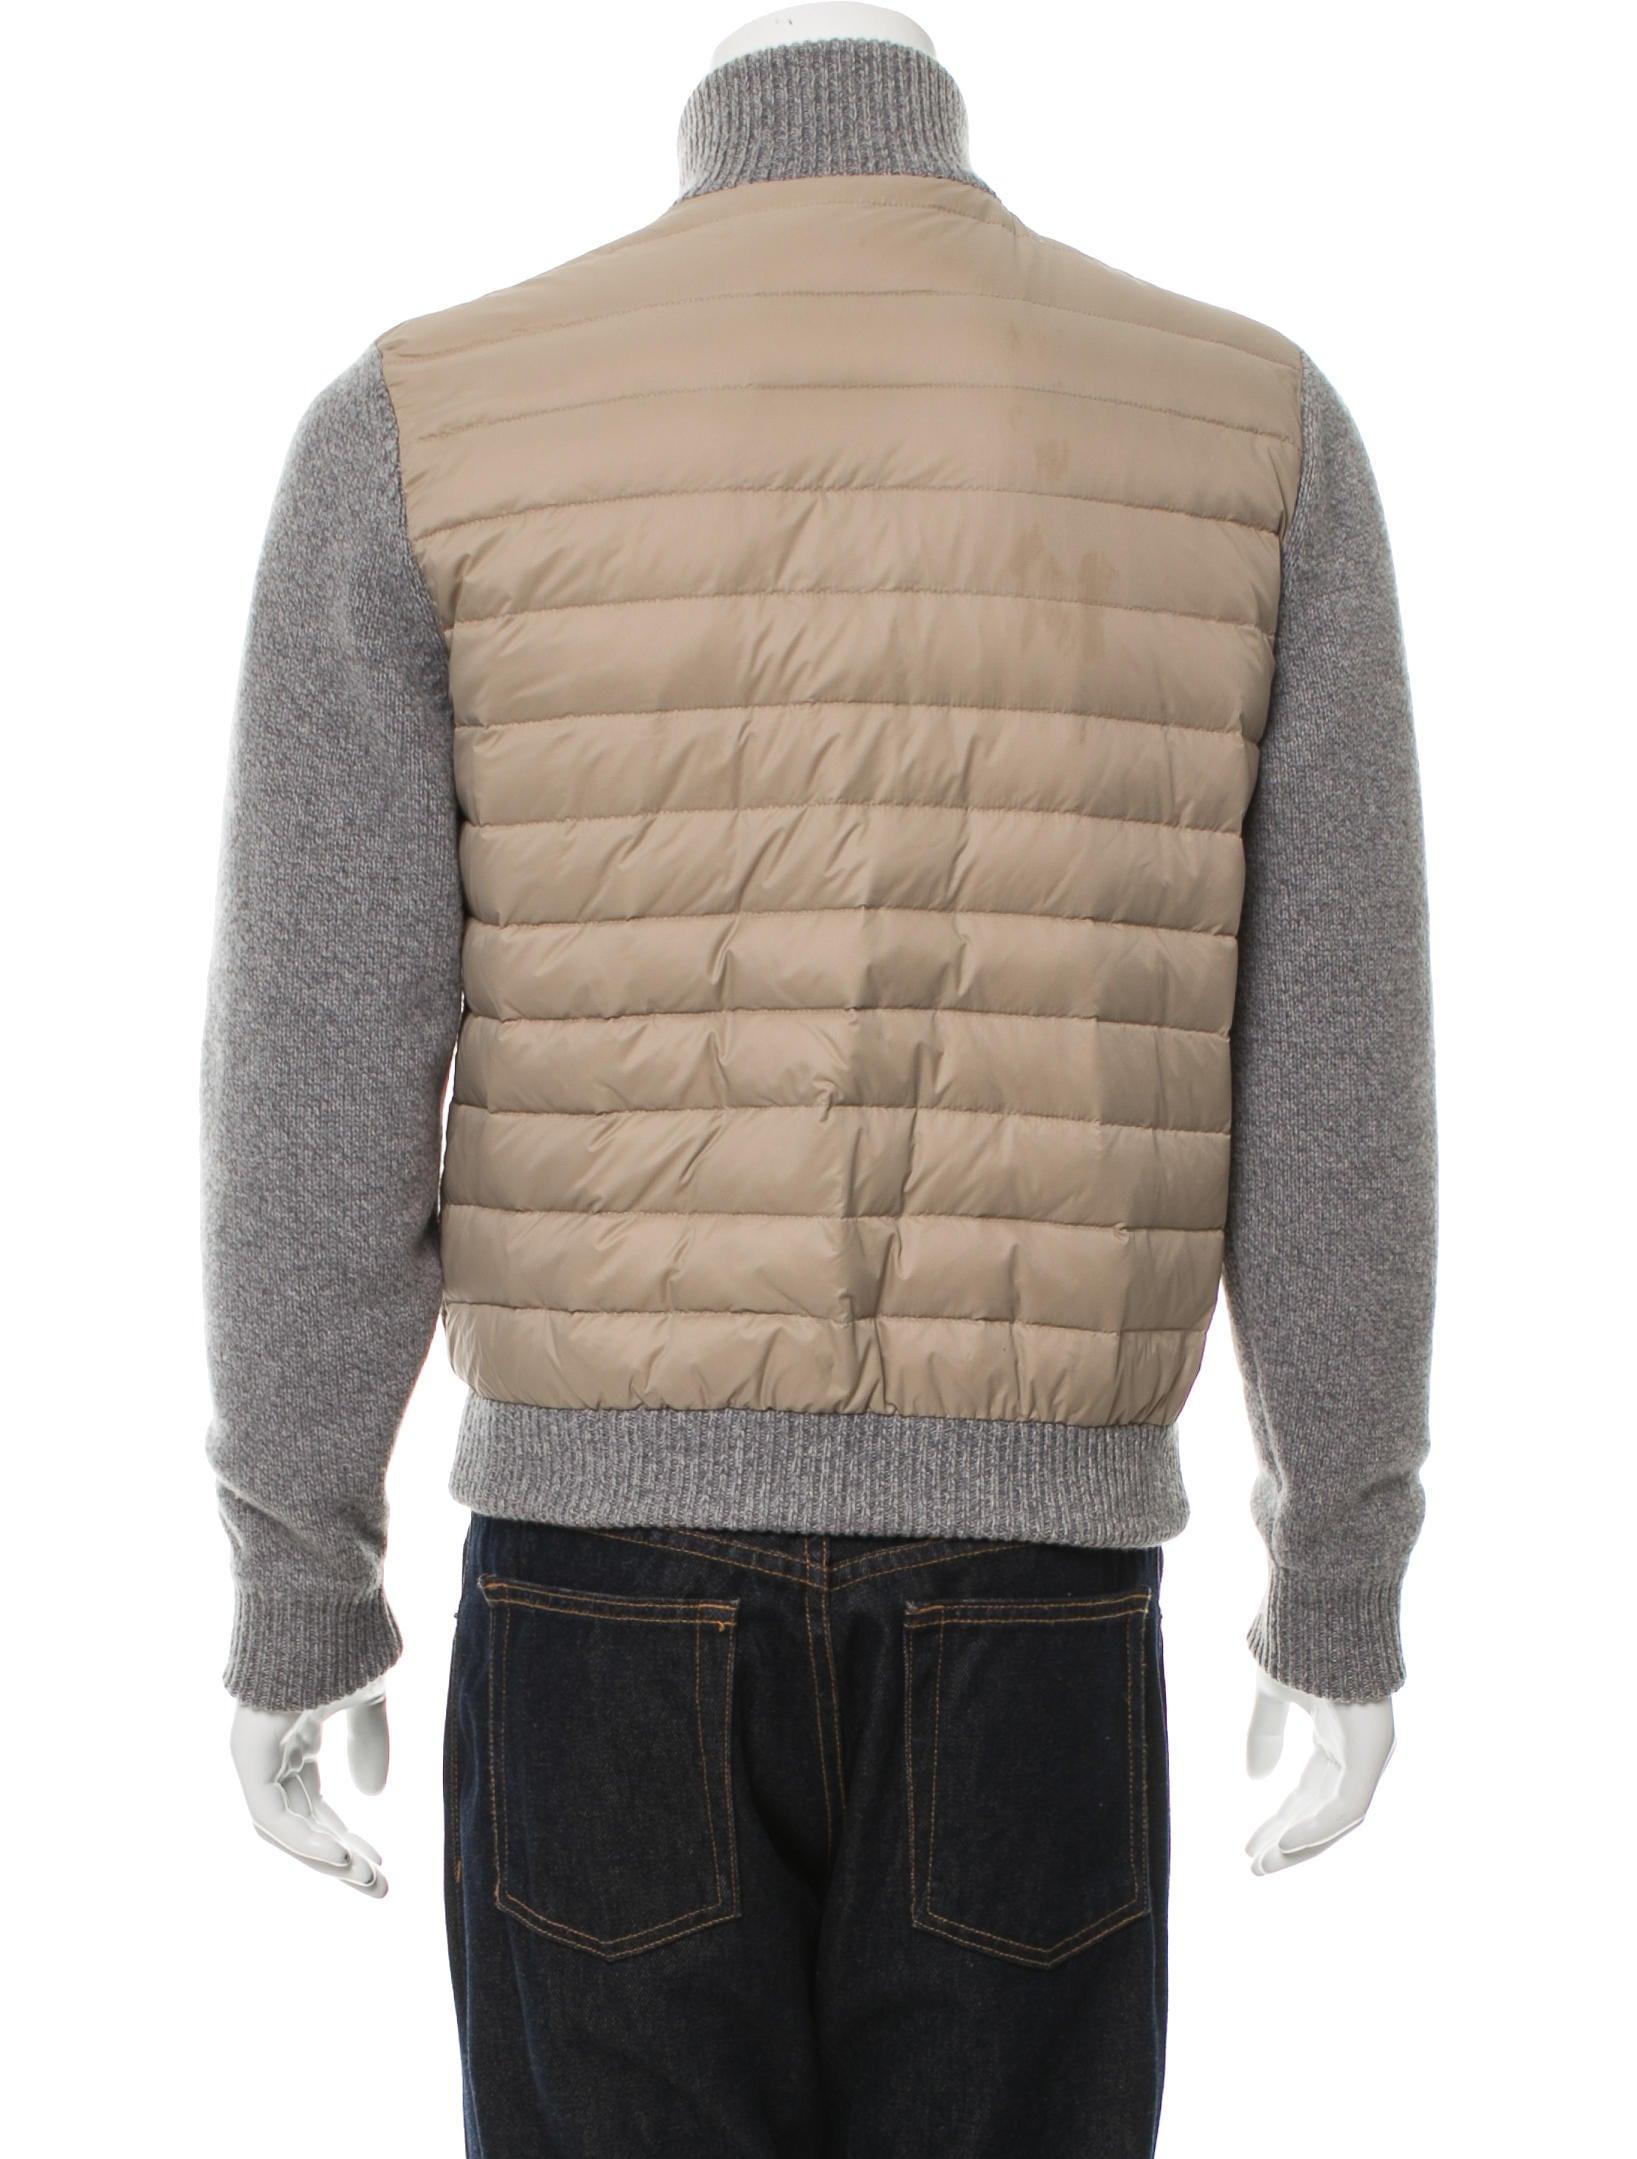 Corneliani Quilted Wool Paneled Jacket Clothing